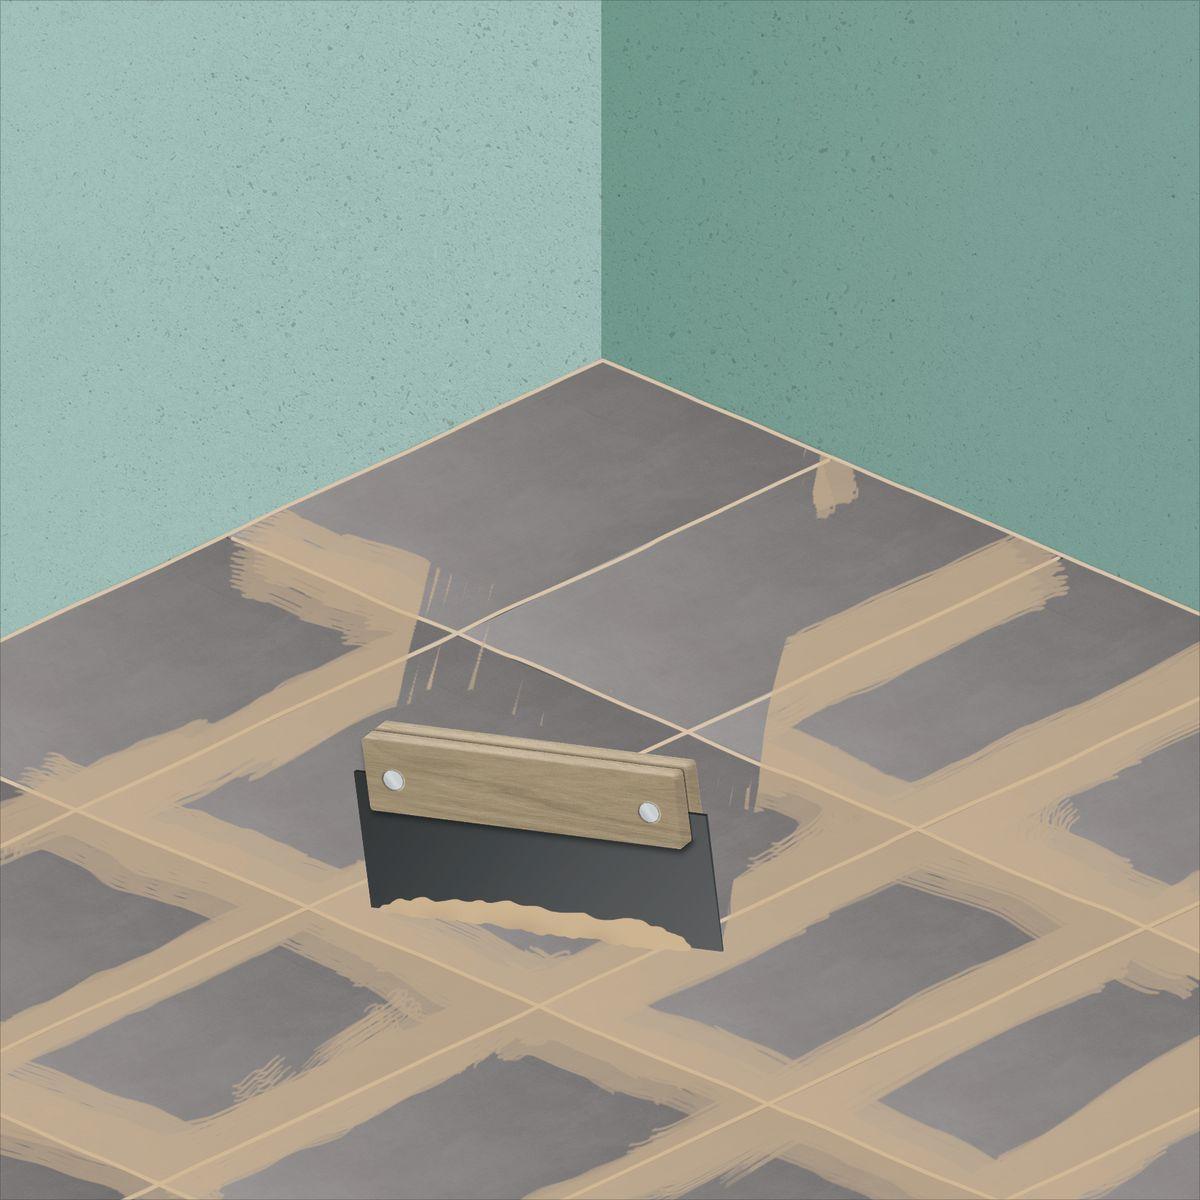 Pavimenti adesivi leroy merlin free pavimenti adesivi for Pavimento vinilico adesivo leroy merlin